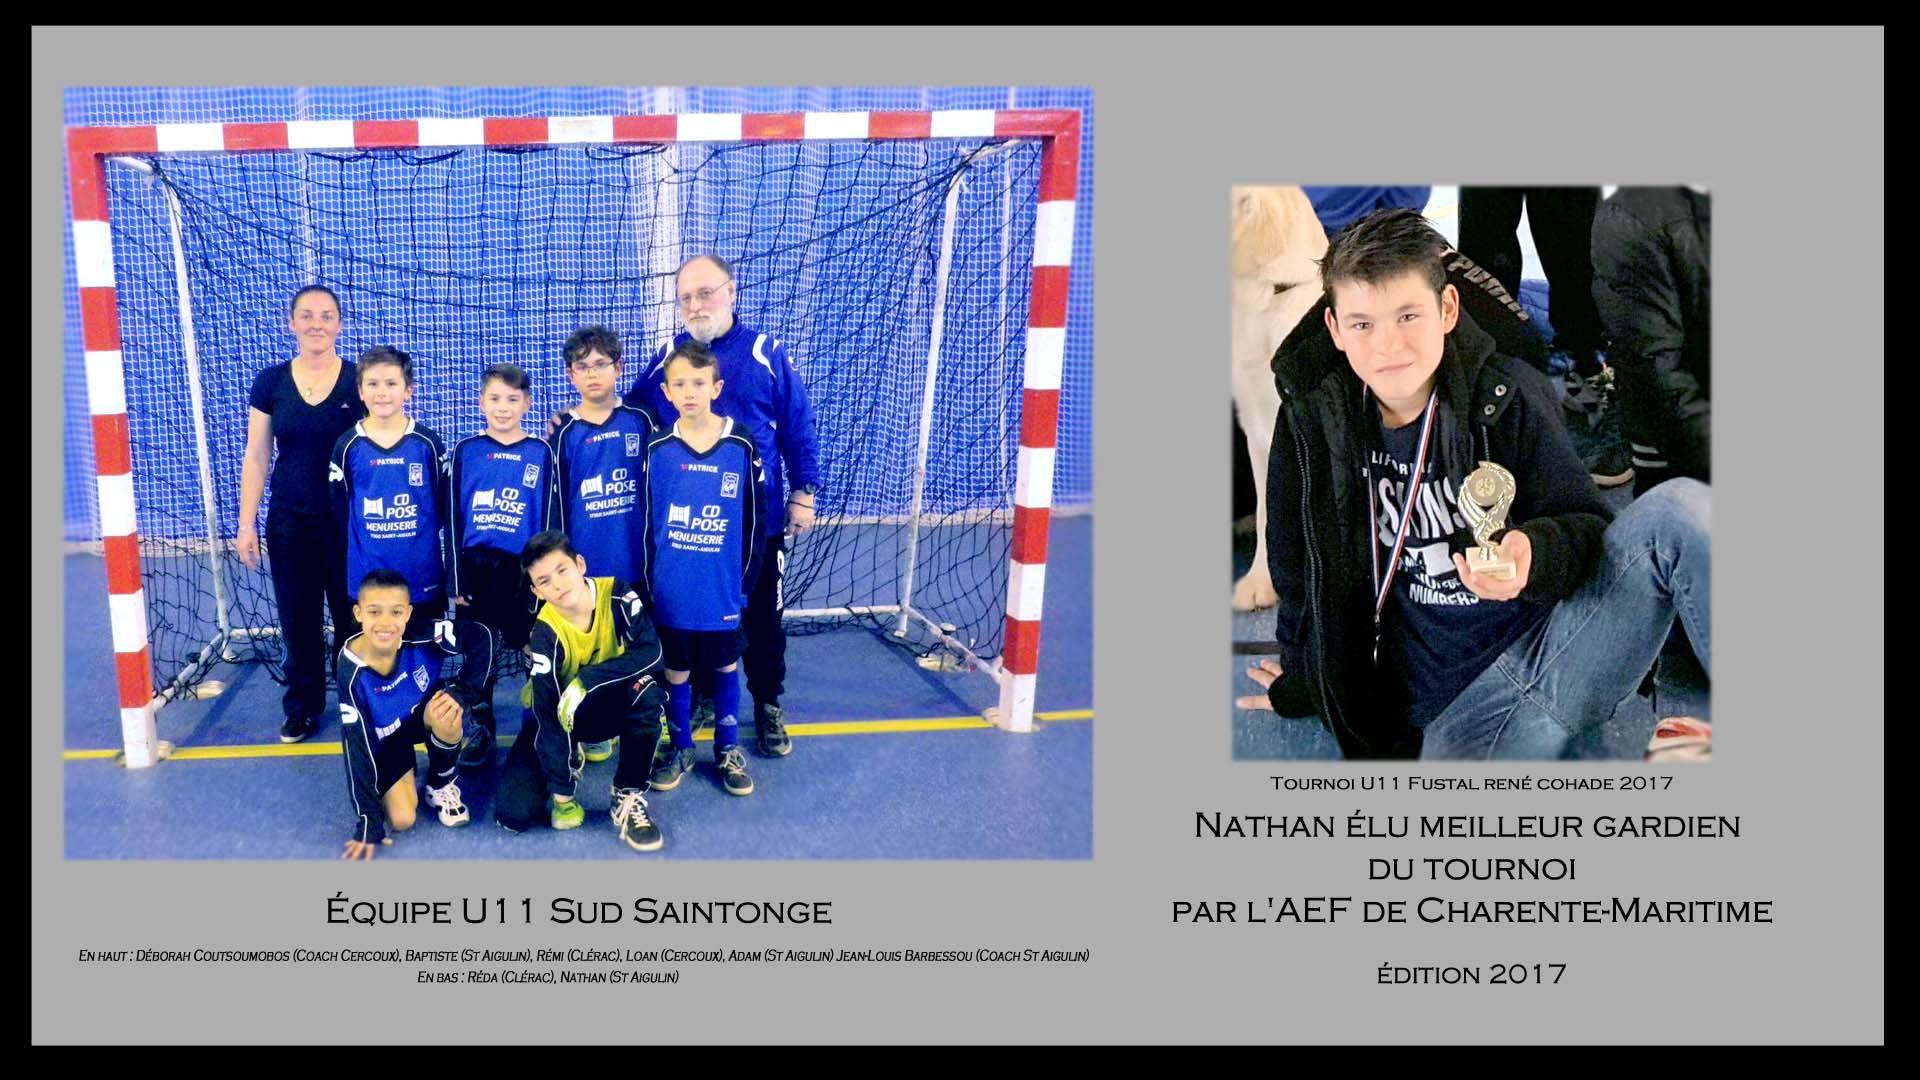 Nathan élu MEILLEUR GARDIEN TOURNOI FUSTAL U11 René COHADE